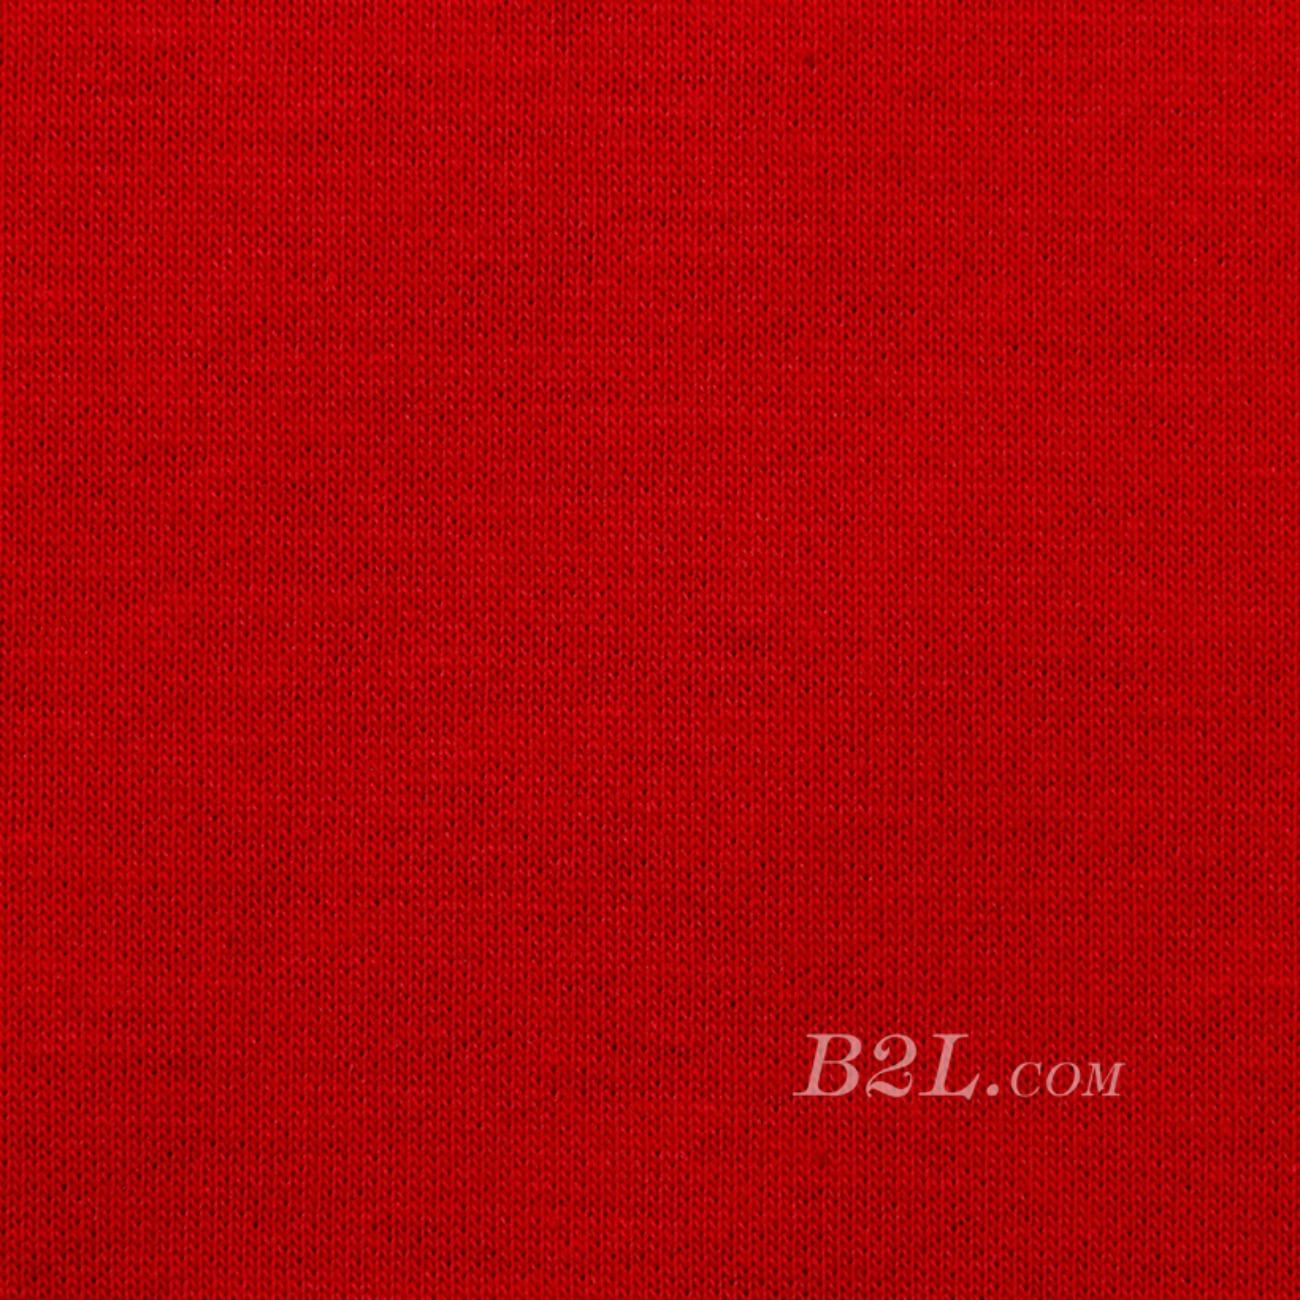 素色 针织 染色 低弹 高弹 春秋 T恤 针织衫 裤装 卫衣 外套 女装 男装 80527-9